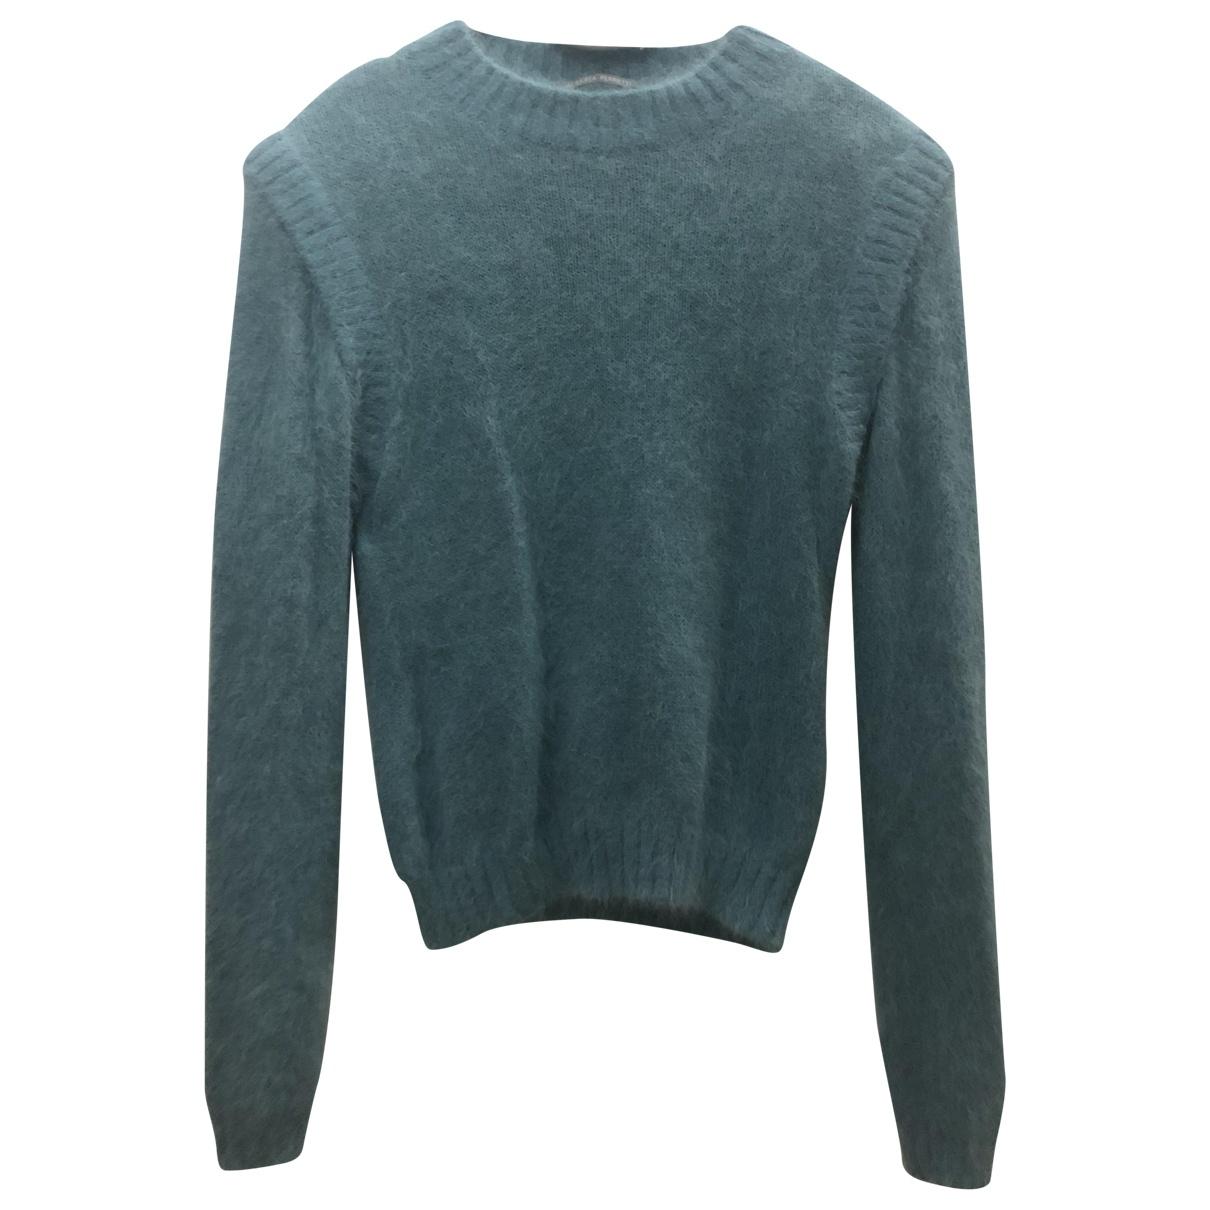 Alberta Ferretti \N Knitwear for Women 38 IT